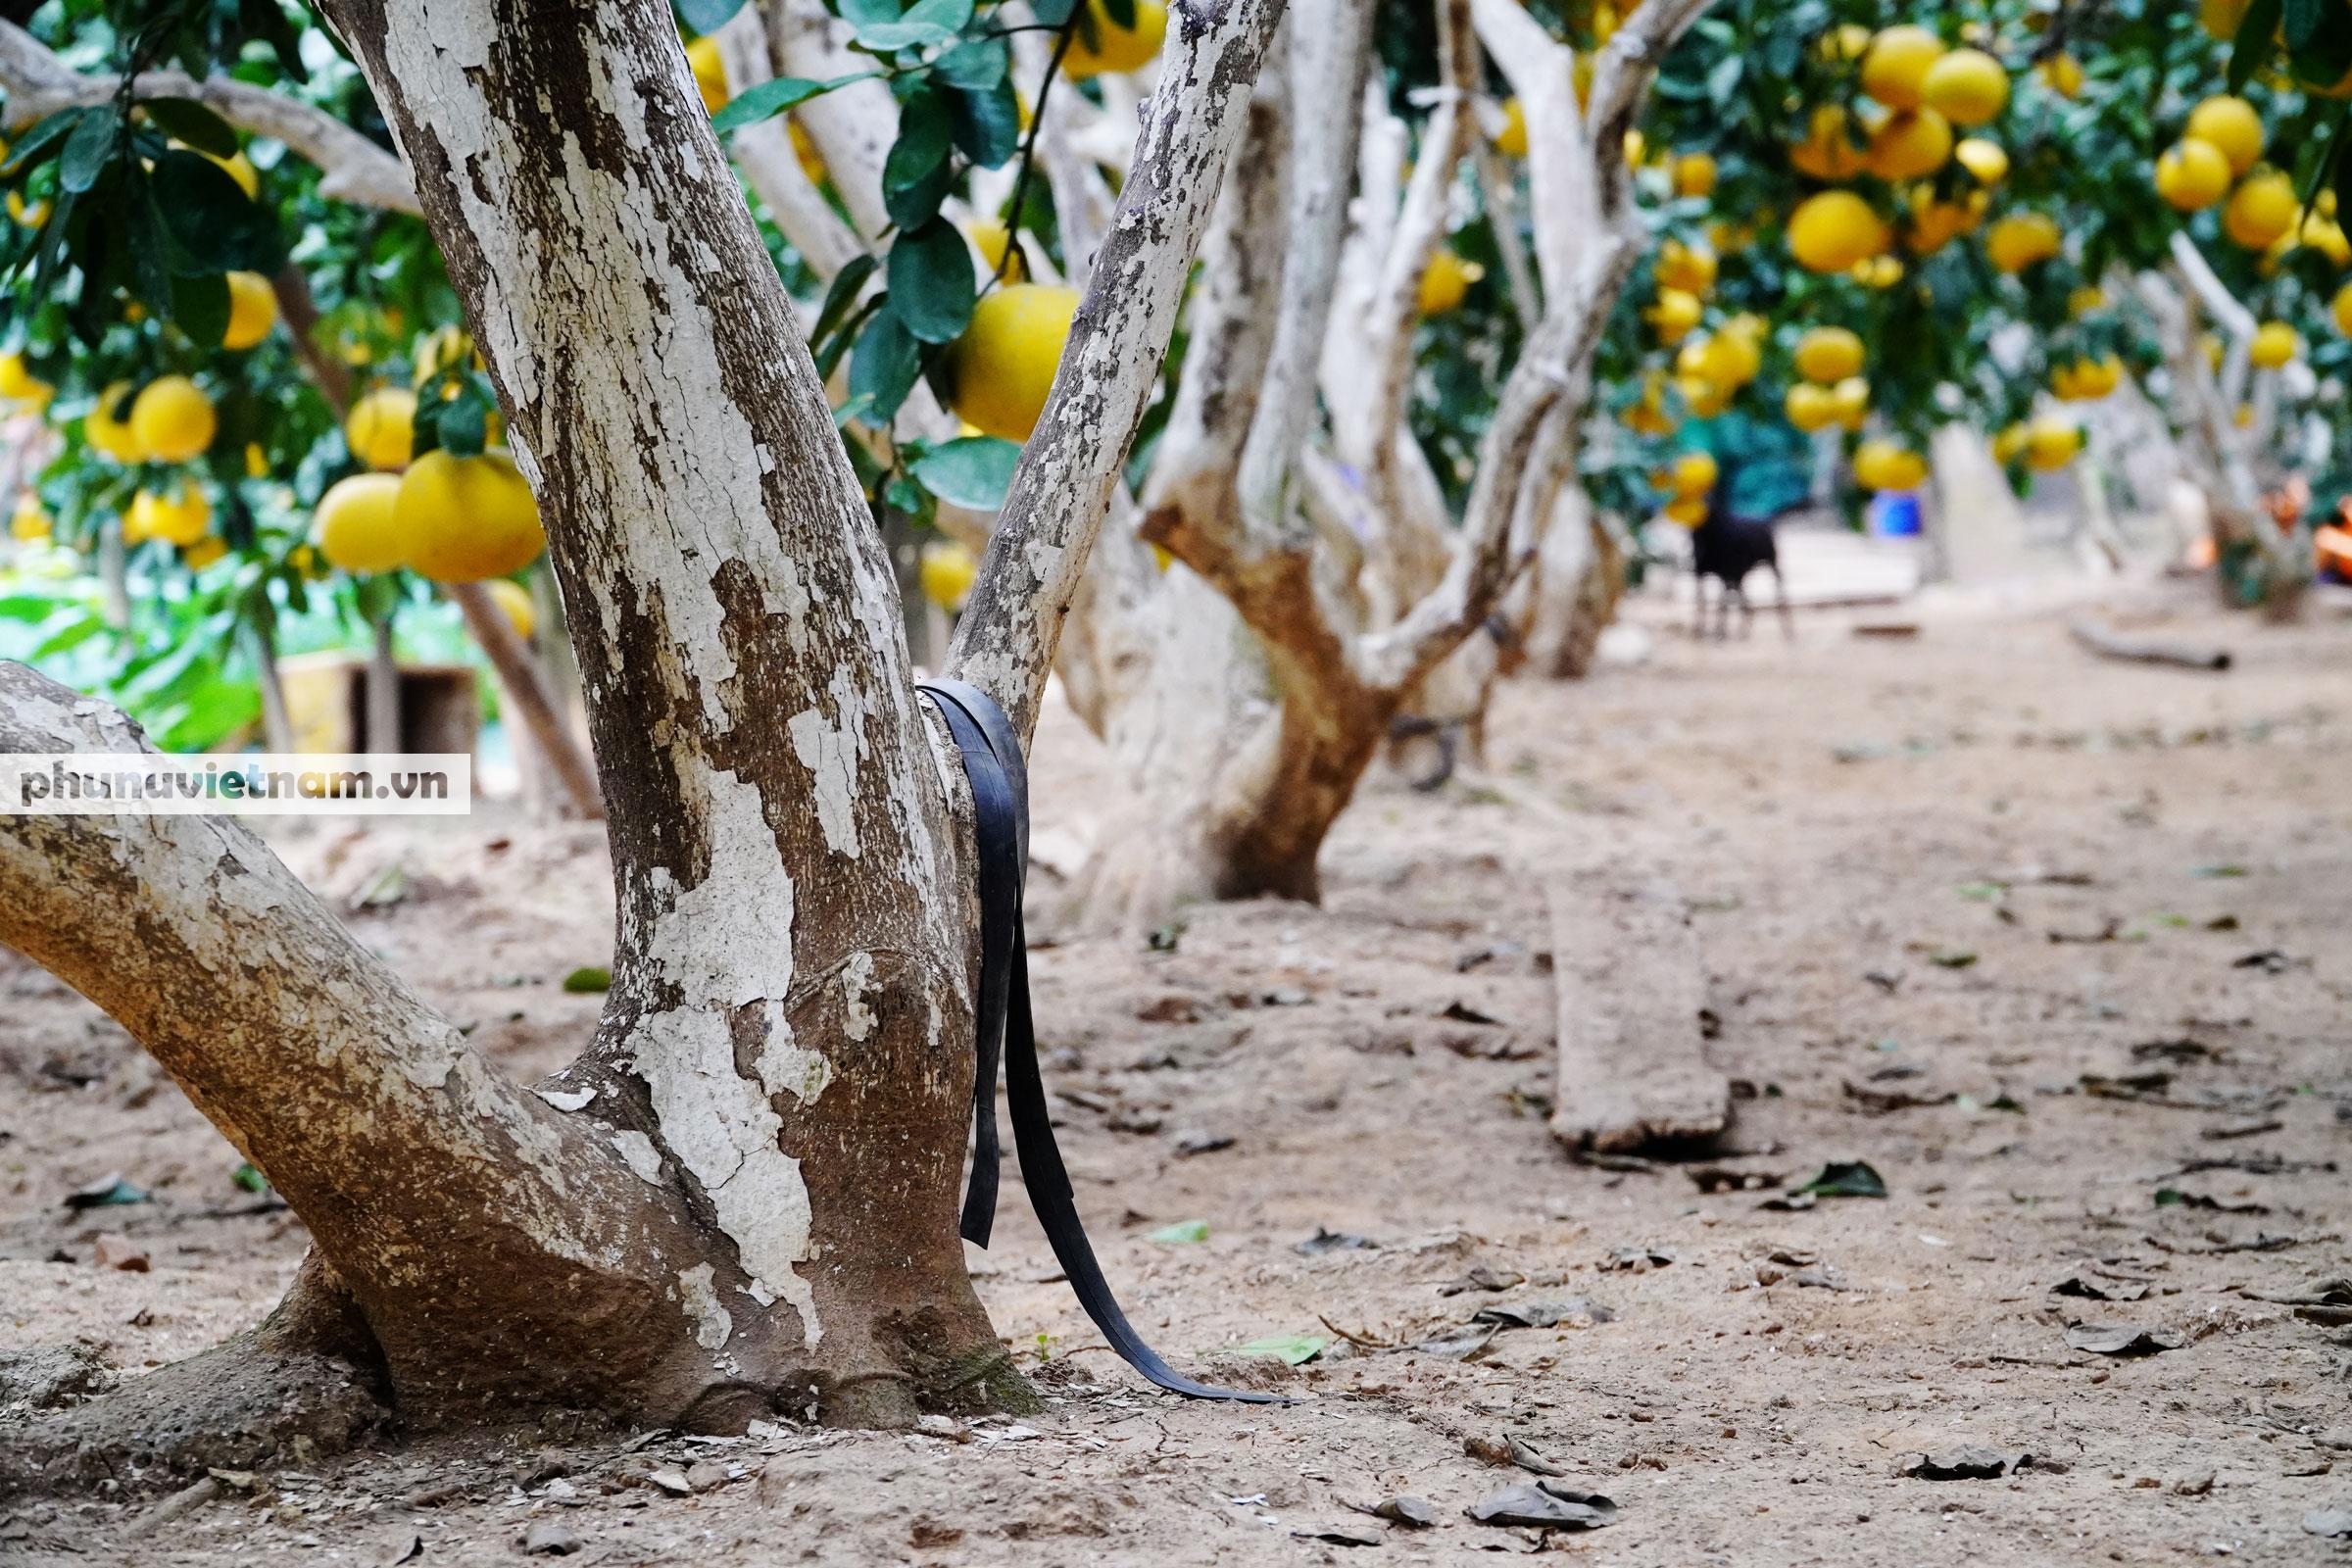 Vườn bưởi Diễn tuổi 30, chi chít cả trăm quả chào Xuân Tân Sửu - Ảnh 8.